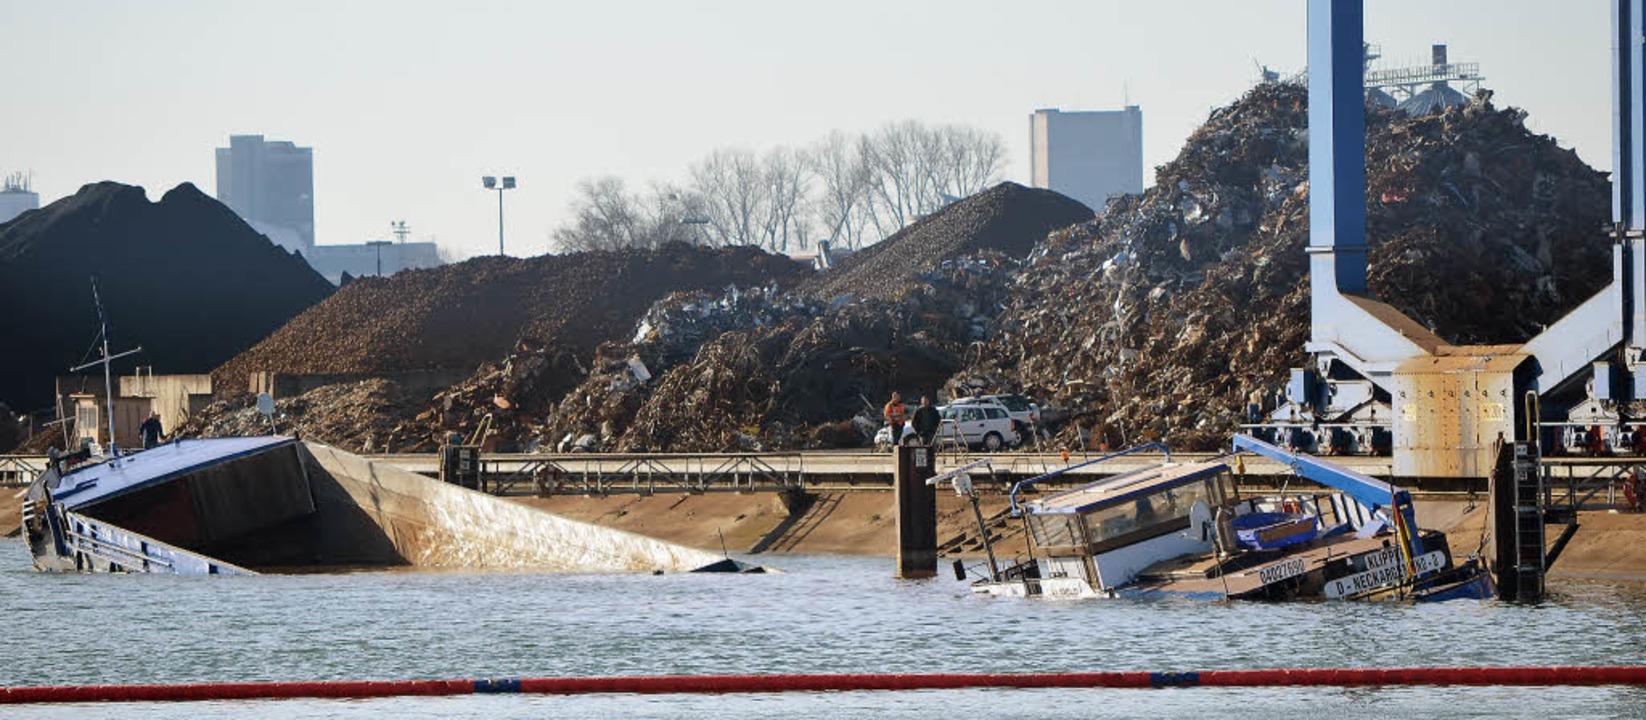 Warum das Lastschiff zerbrochen ist, i...e Wasserschutzpolizei Kehl ermittelt.   | Foto: Julia Trauden /Stadt Kehl